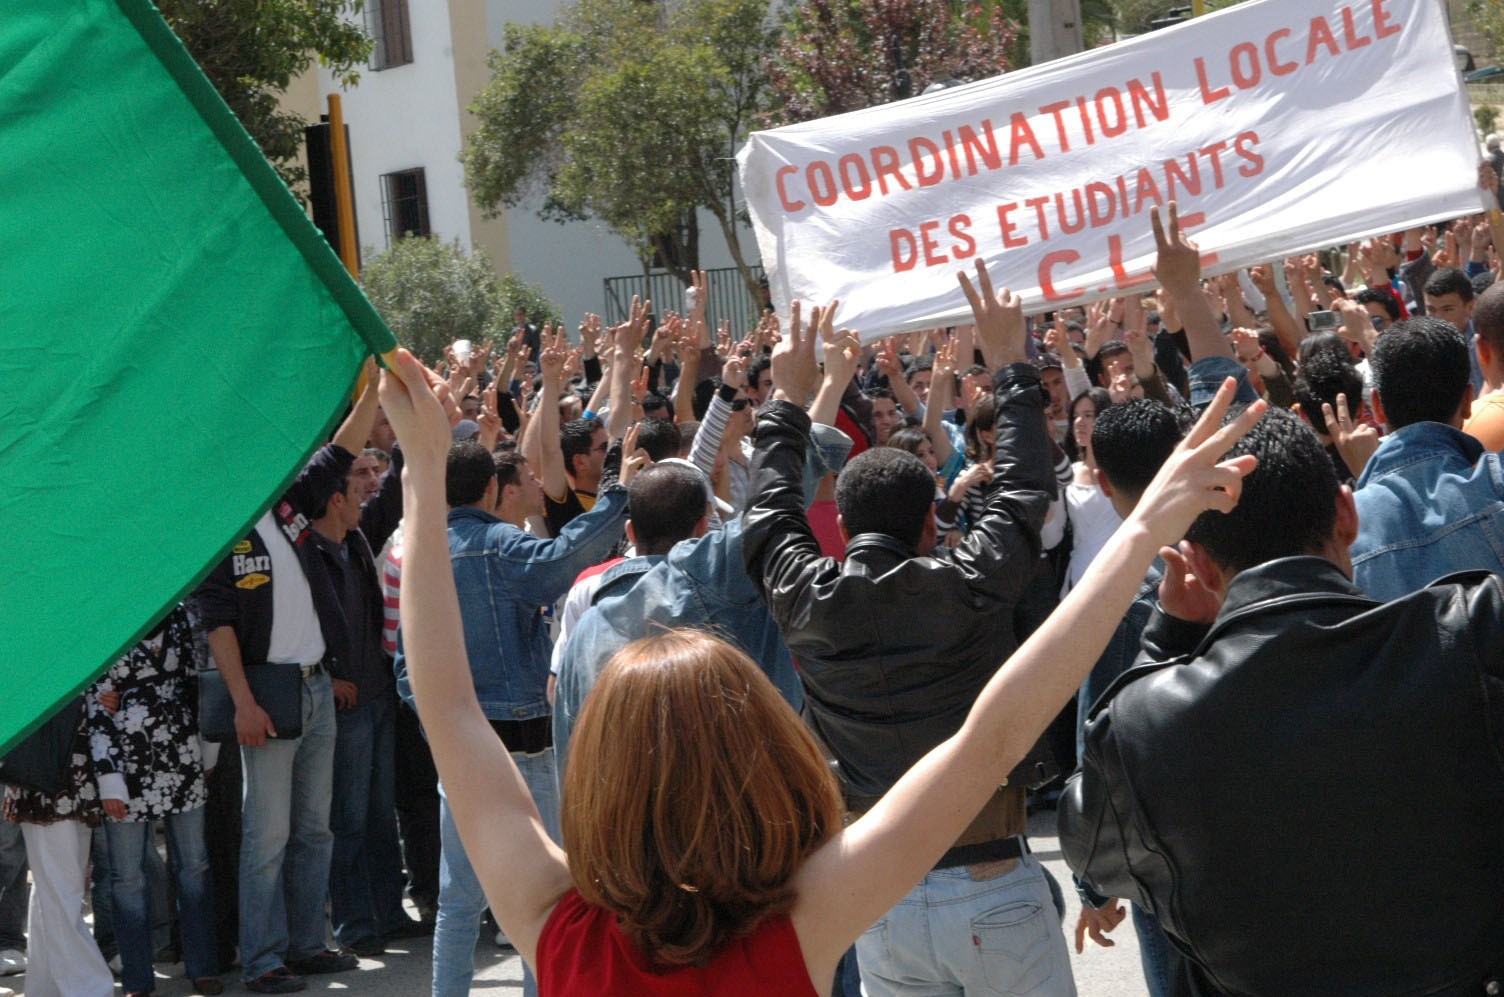 La coordination des étudiants, lors d'une précédente manifestations. New Press